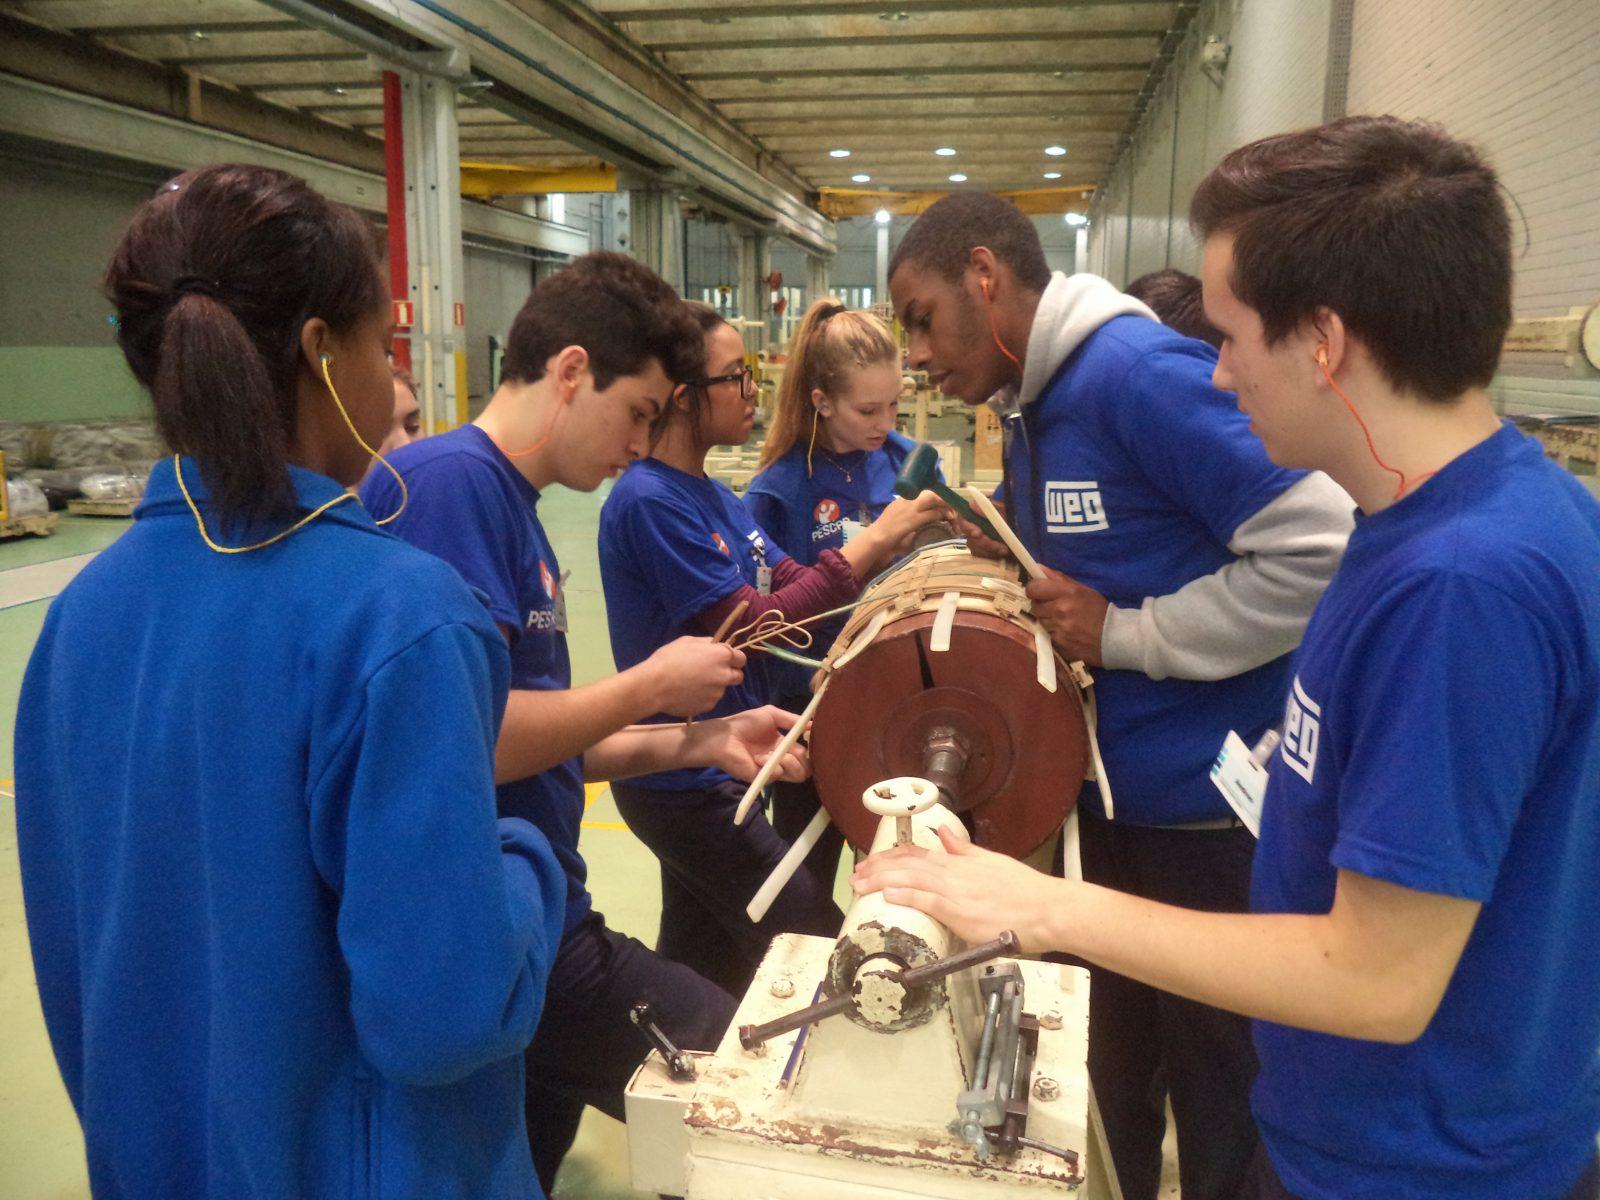 Unidade Projeto Pescar WEG - Jovens estão produzindo um protótipo de bobina